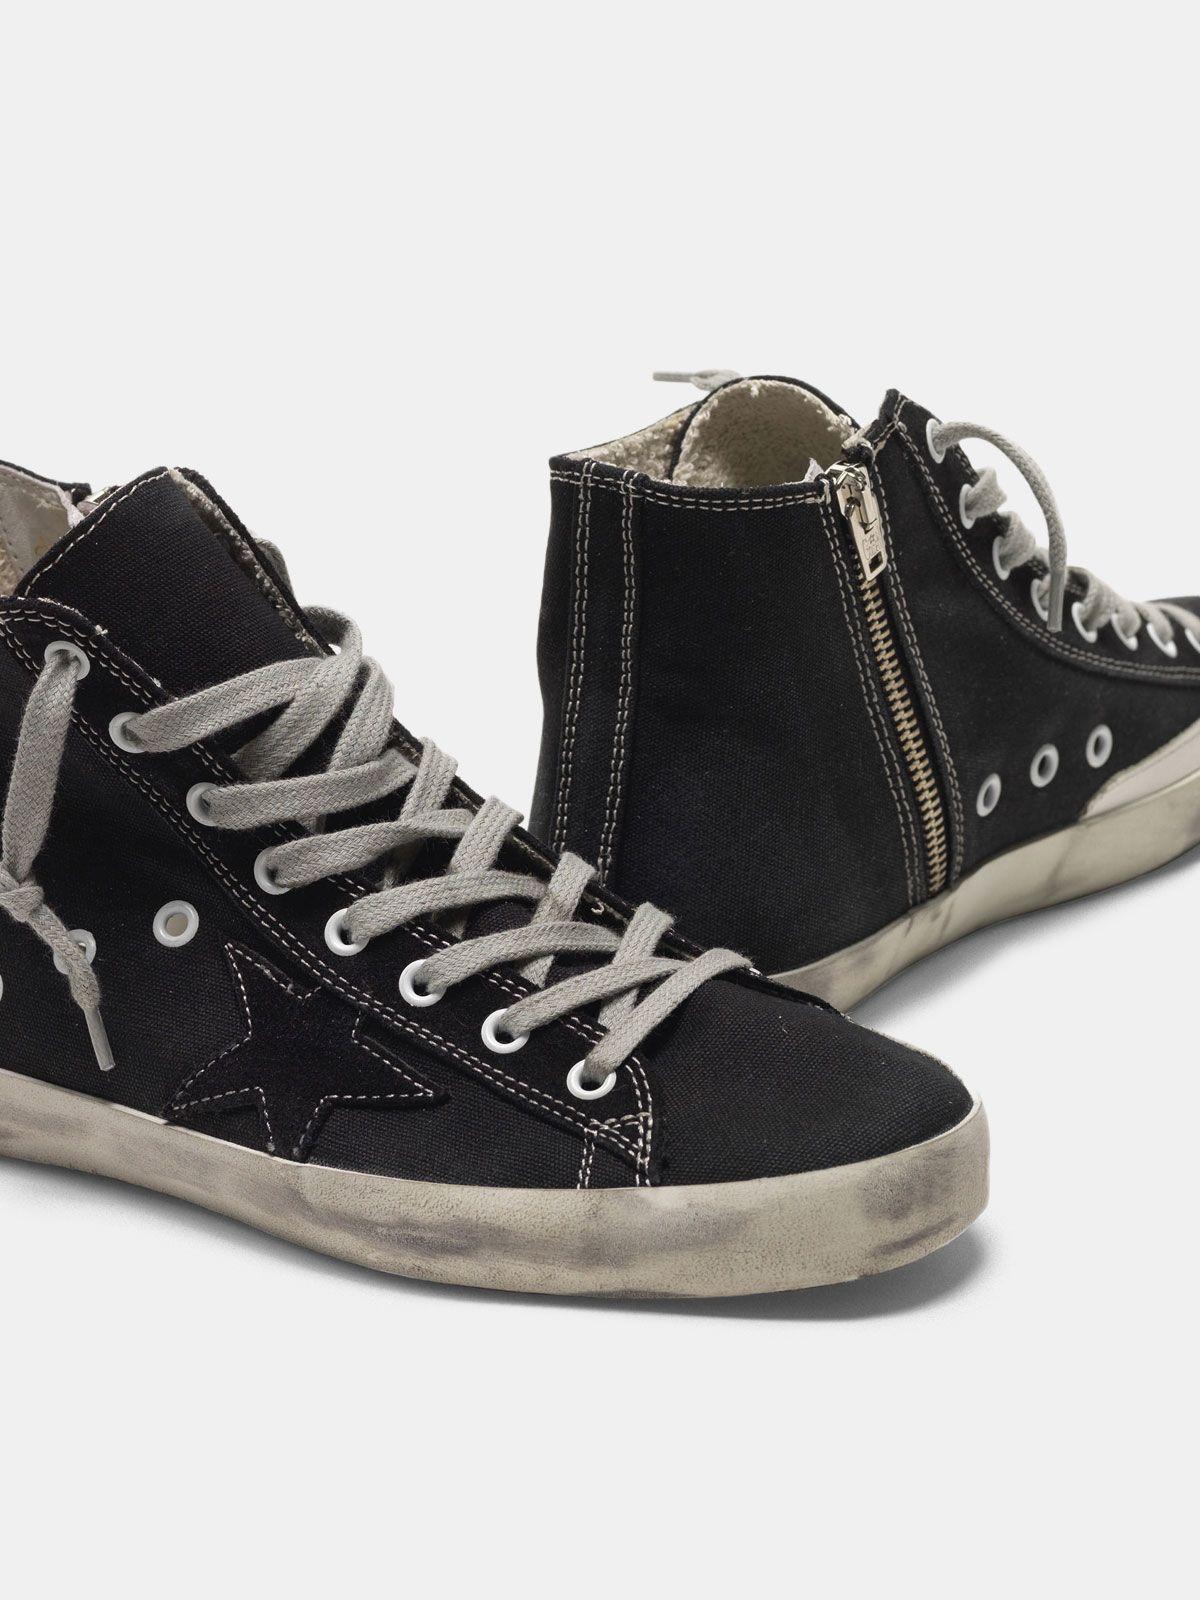 Golden Goose - Sneakers Francy con stella GGDB impunturata a contrasto in